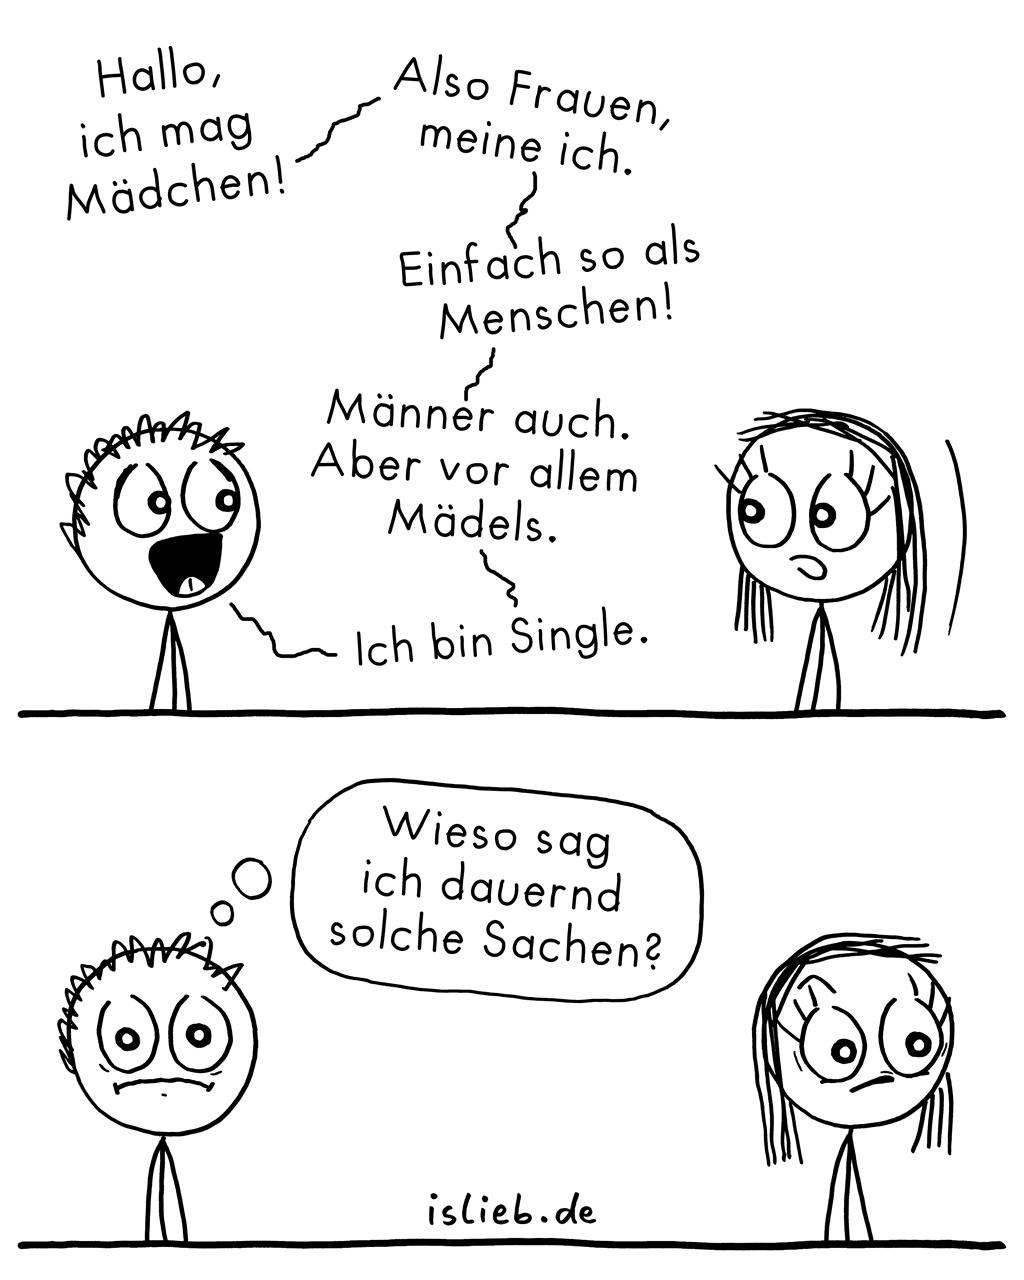 Solche Sachen | Strichmännchen-Comic | is lieb?